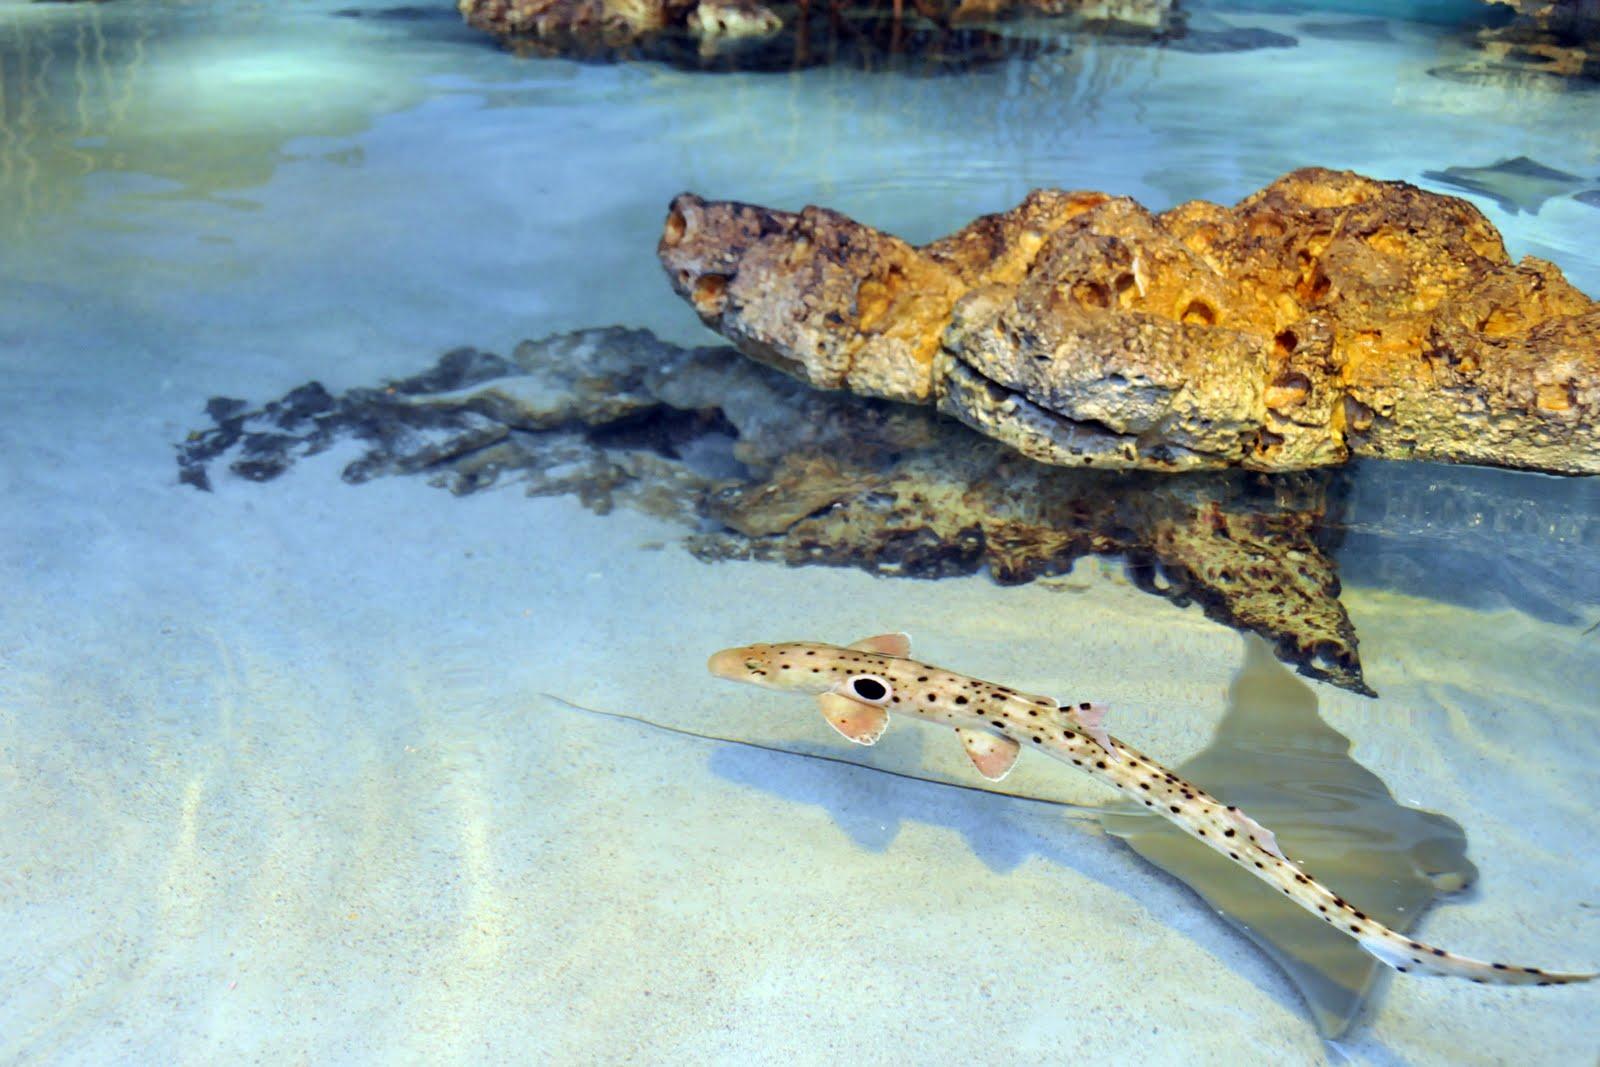 epaulette shark tank - photo #5